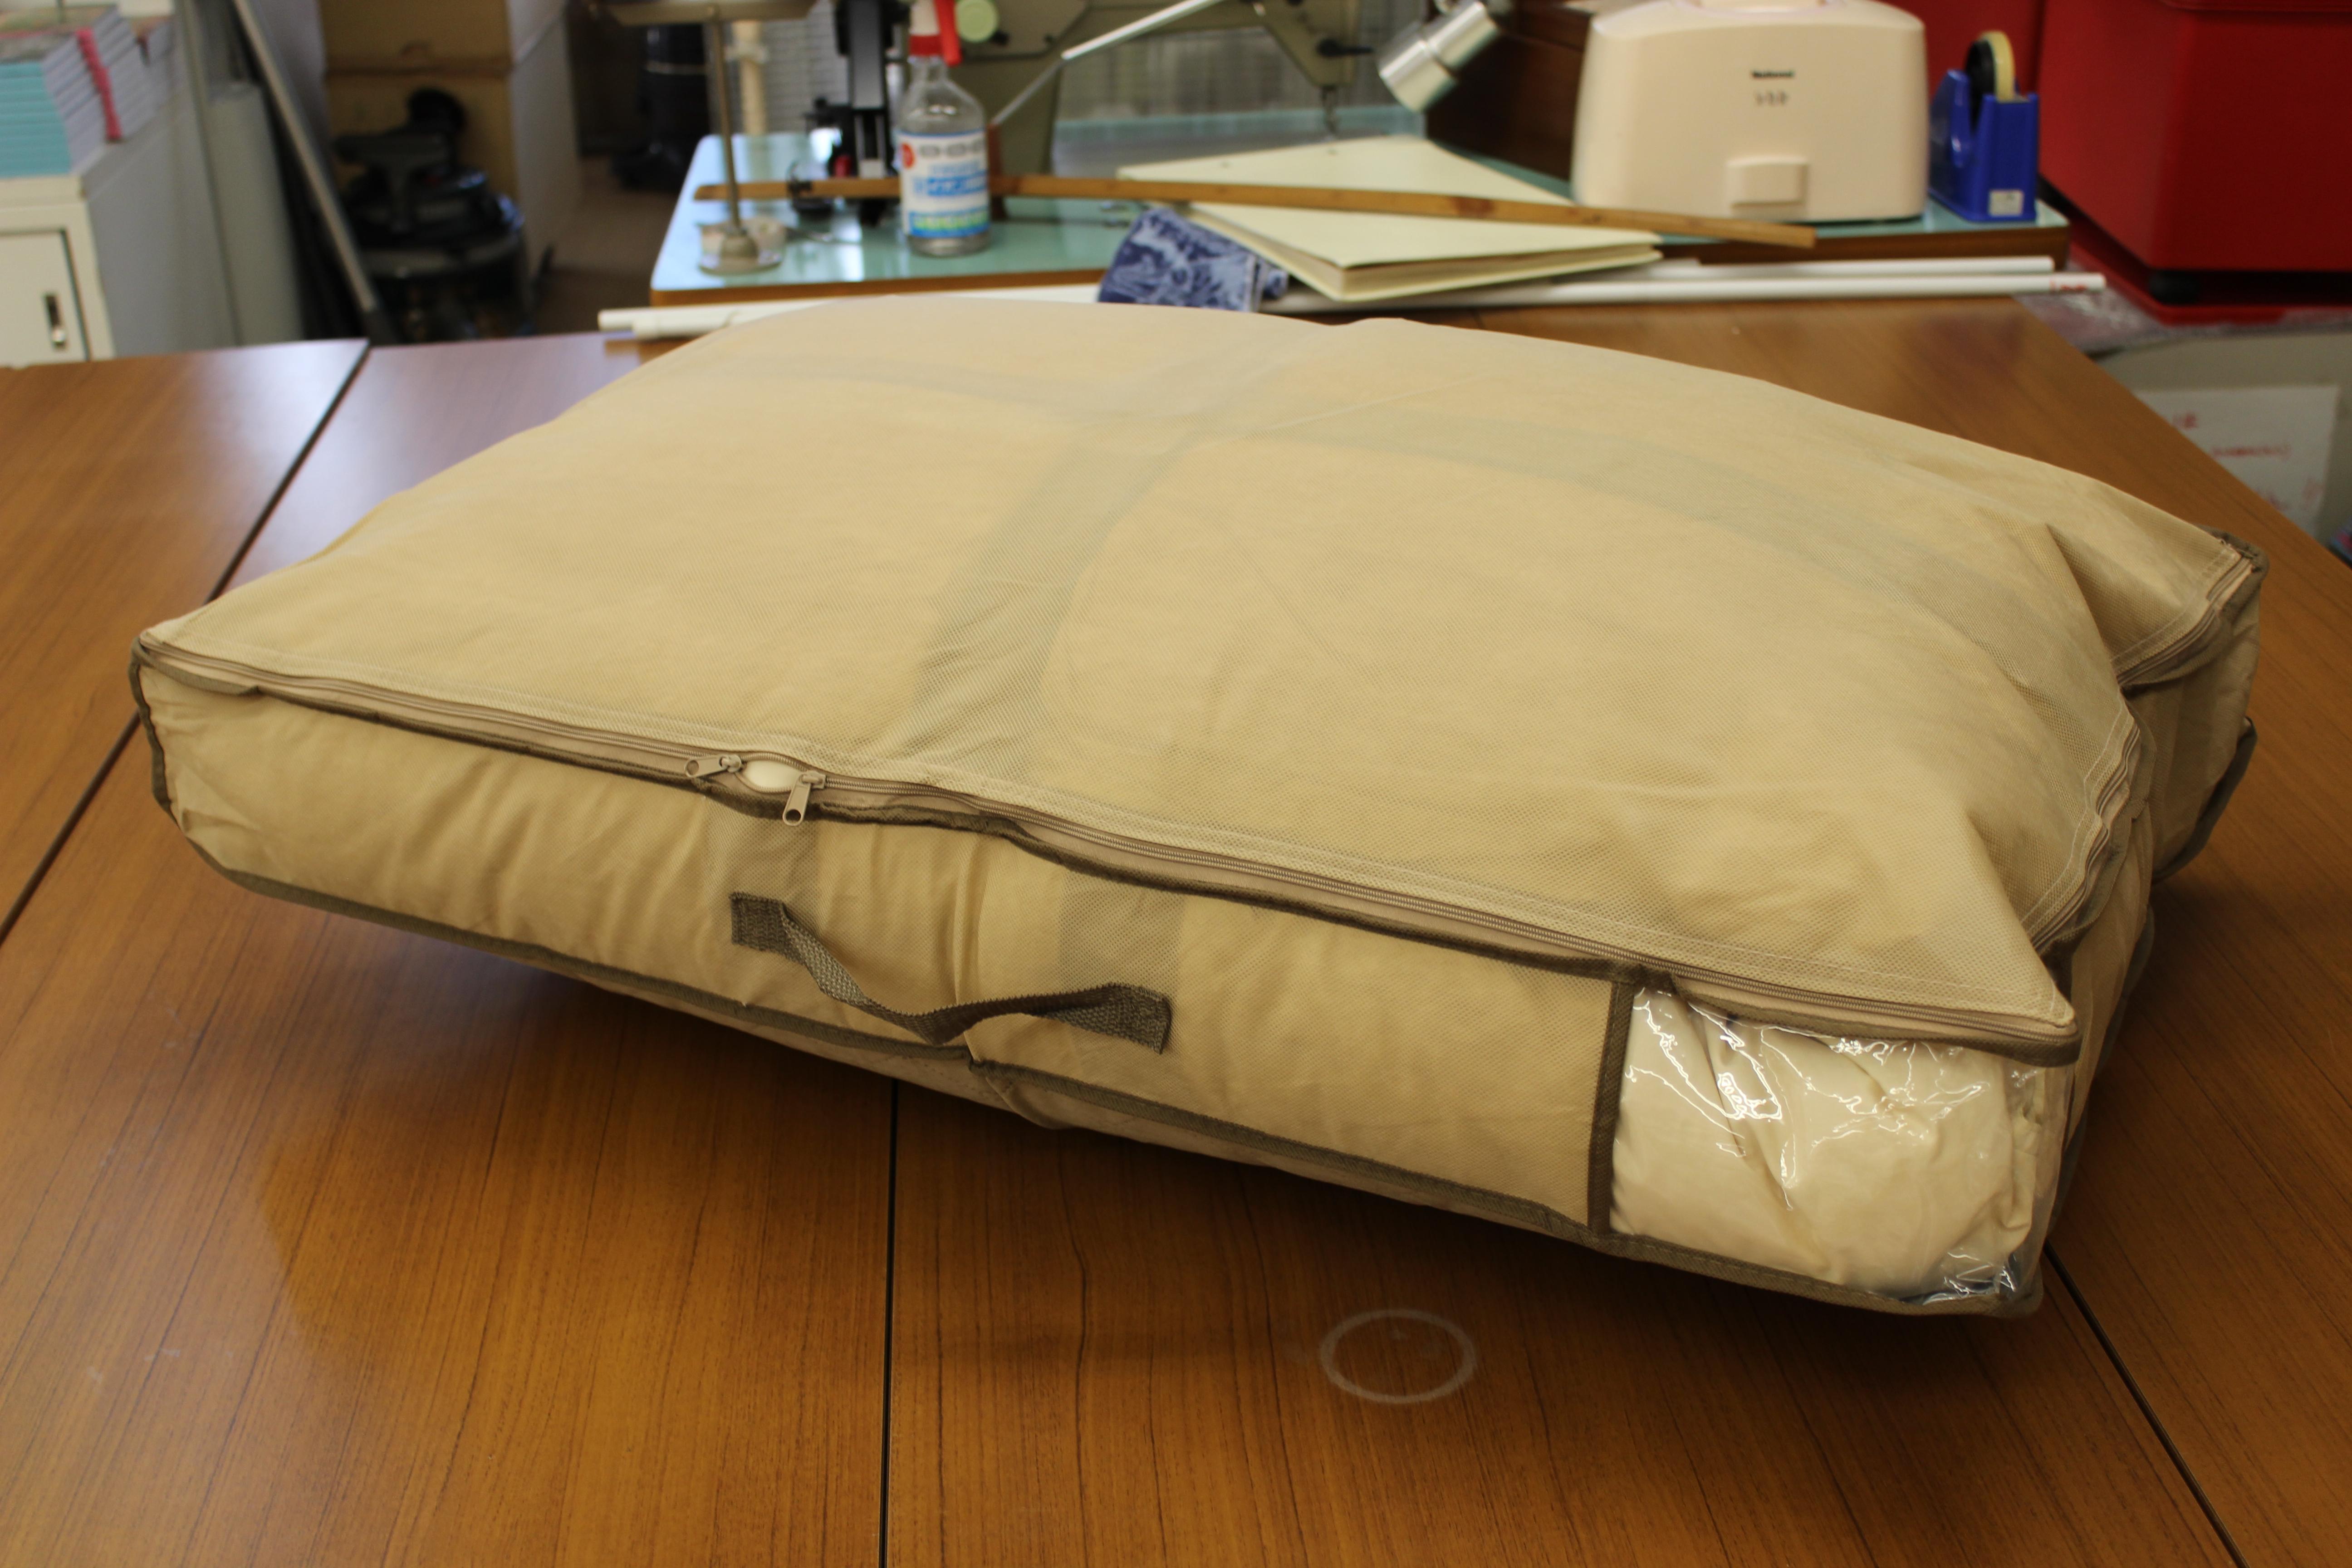 布団の収納場所に困っています。良い収納アイデアがあれば教えてください。